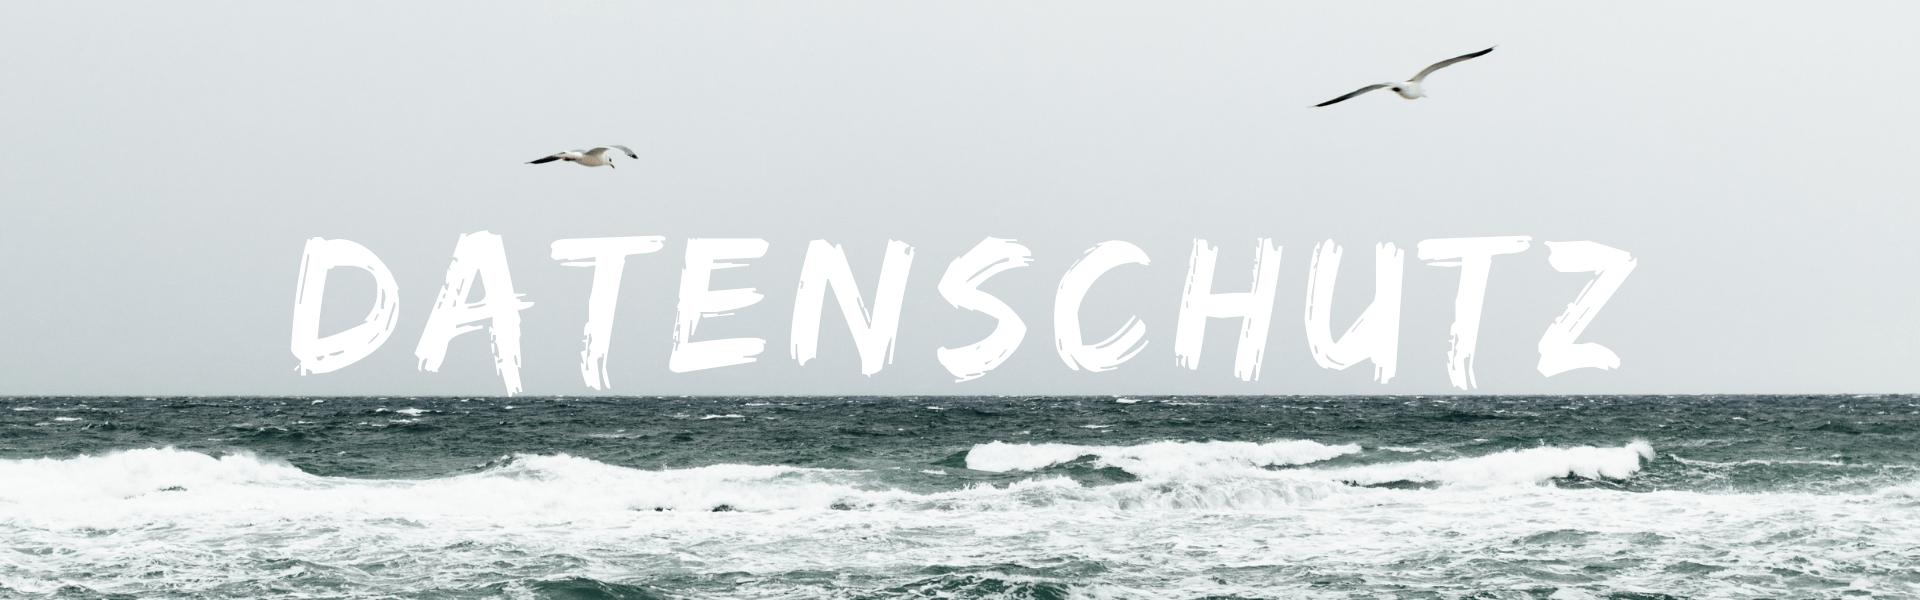 nordischgruen: Blog über nachhaltiges Leben in Norddeutschland. Datenschutzerklärung